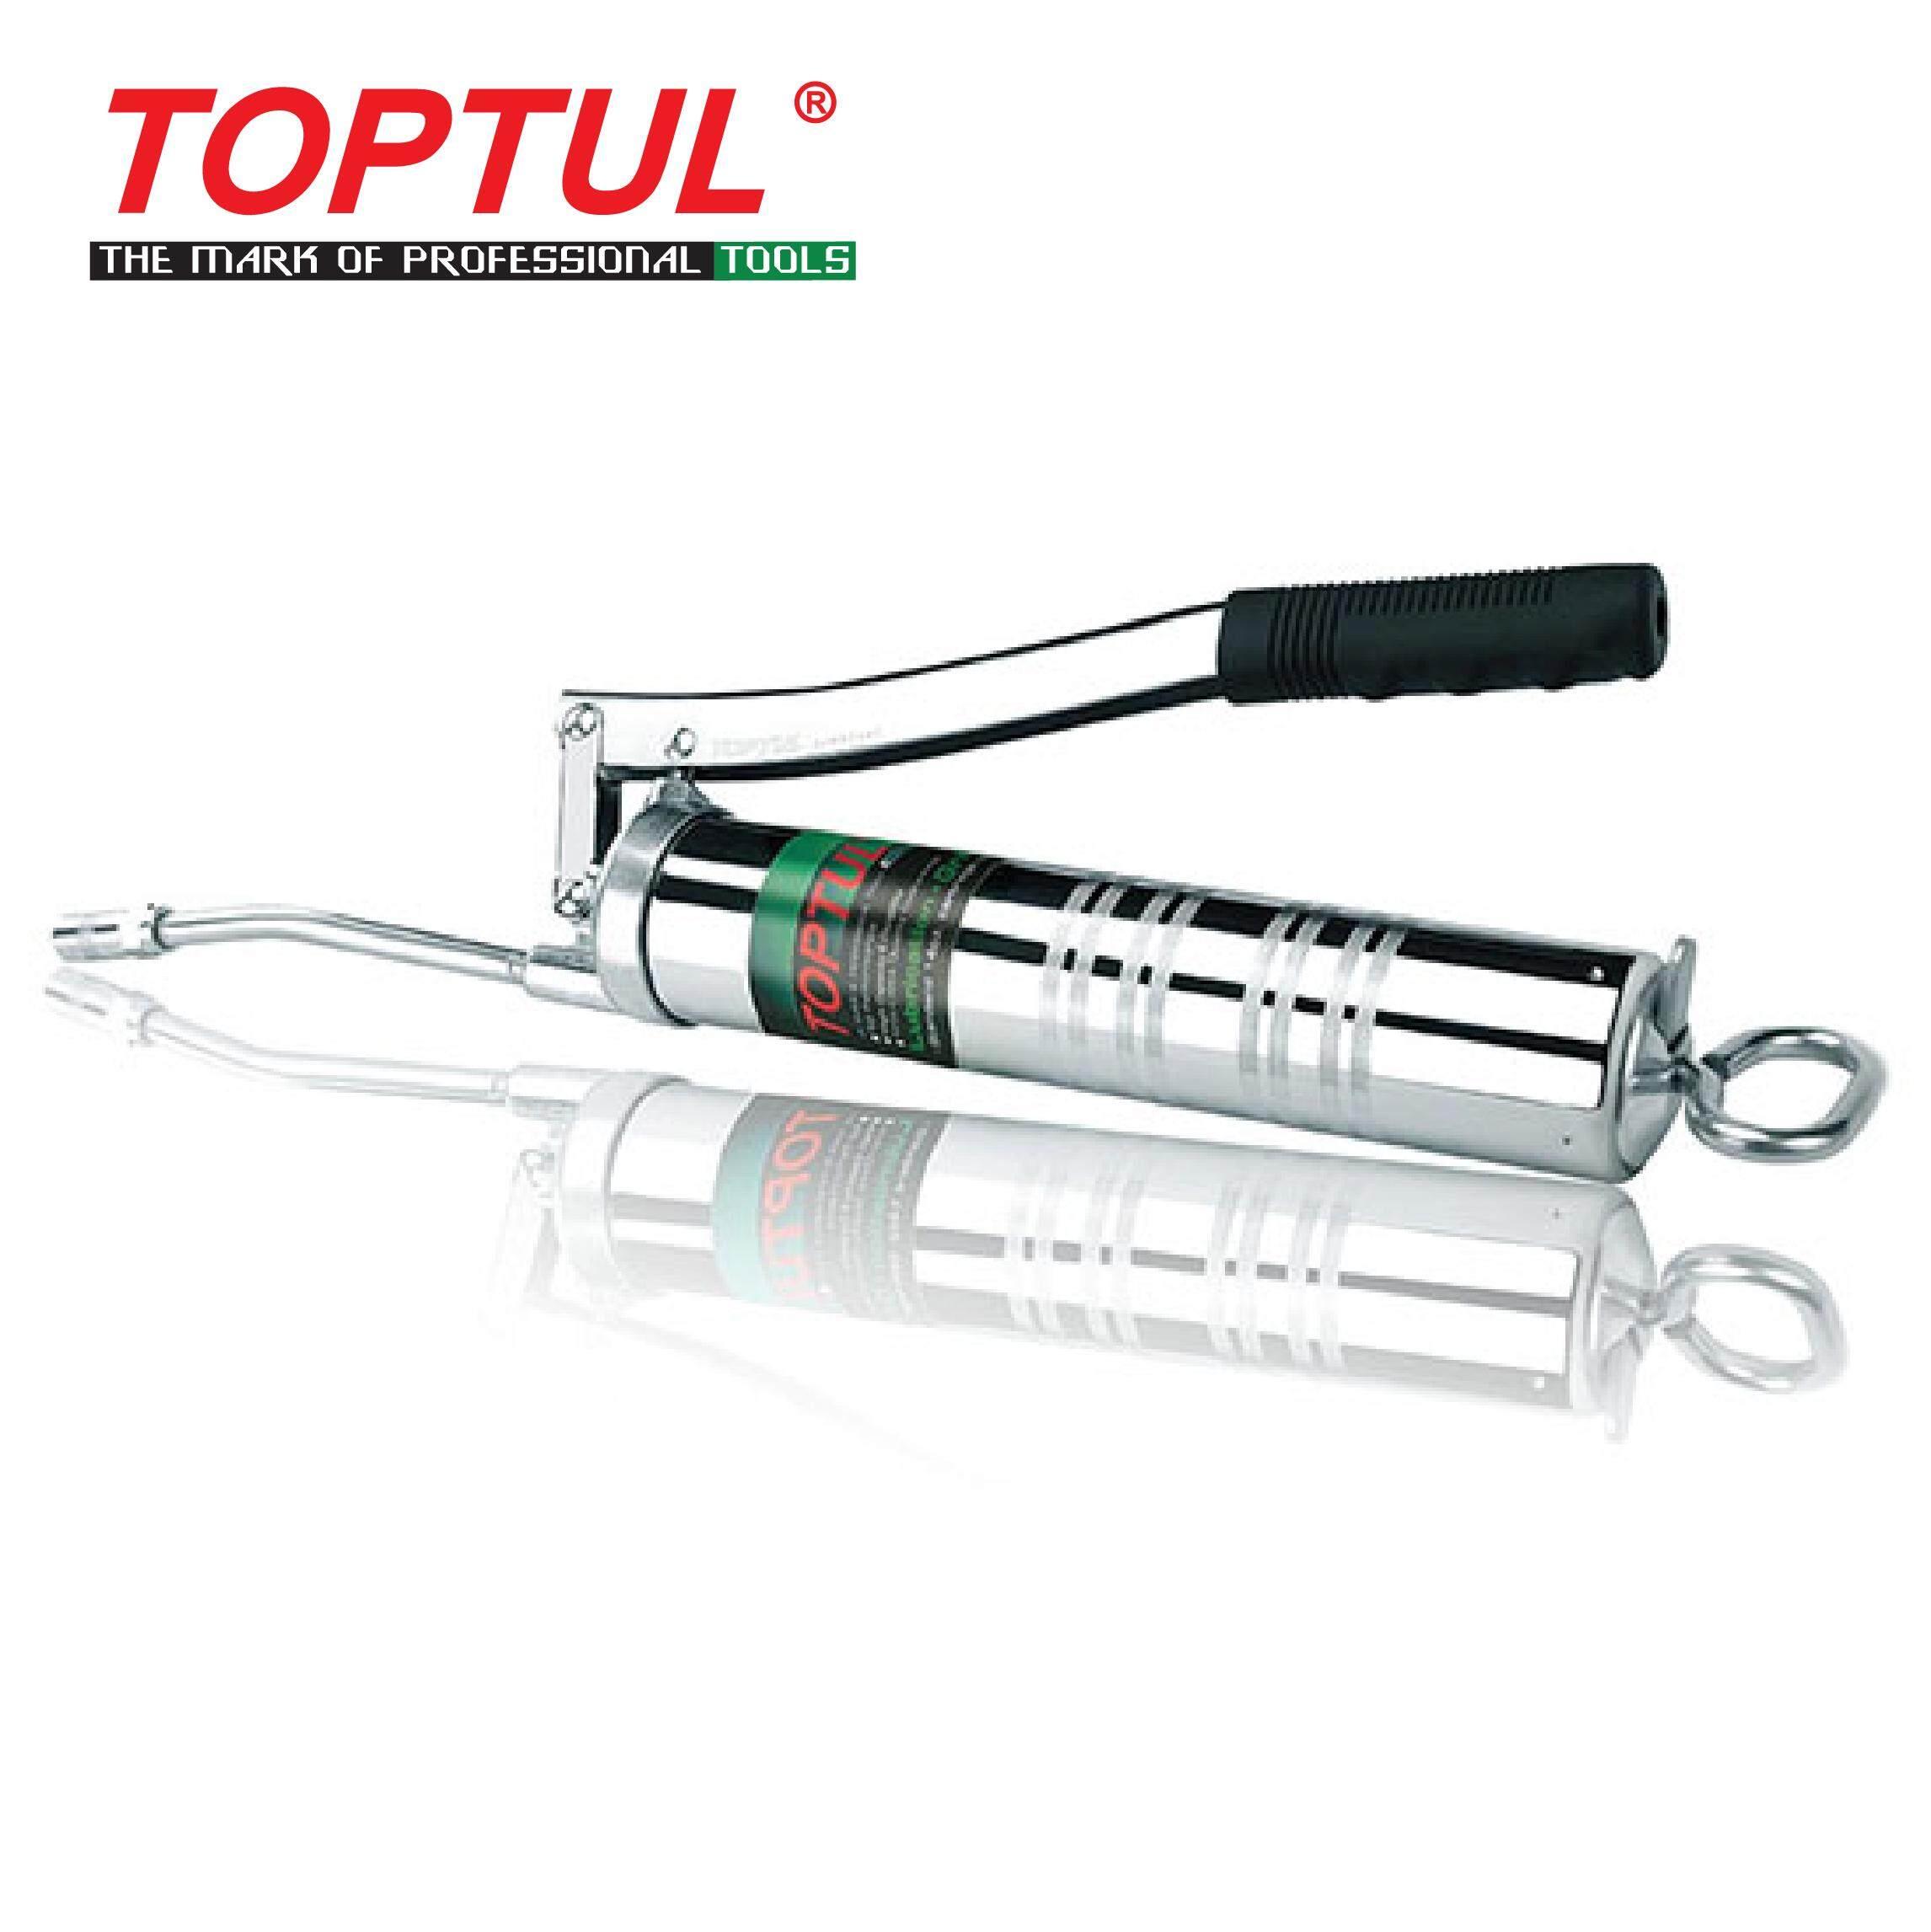 TOPTUL Lubrication - Grease Gun (Lever Type) - W/ 6 Rigid Tube (JJAA1440)